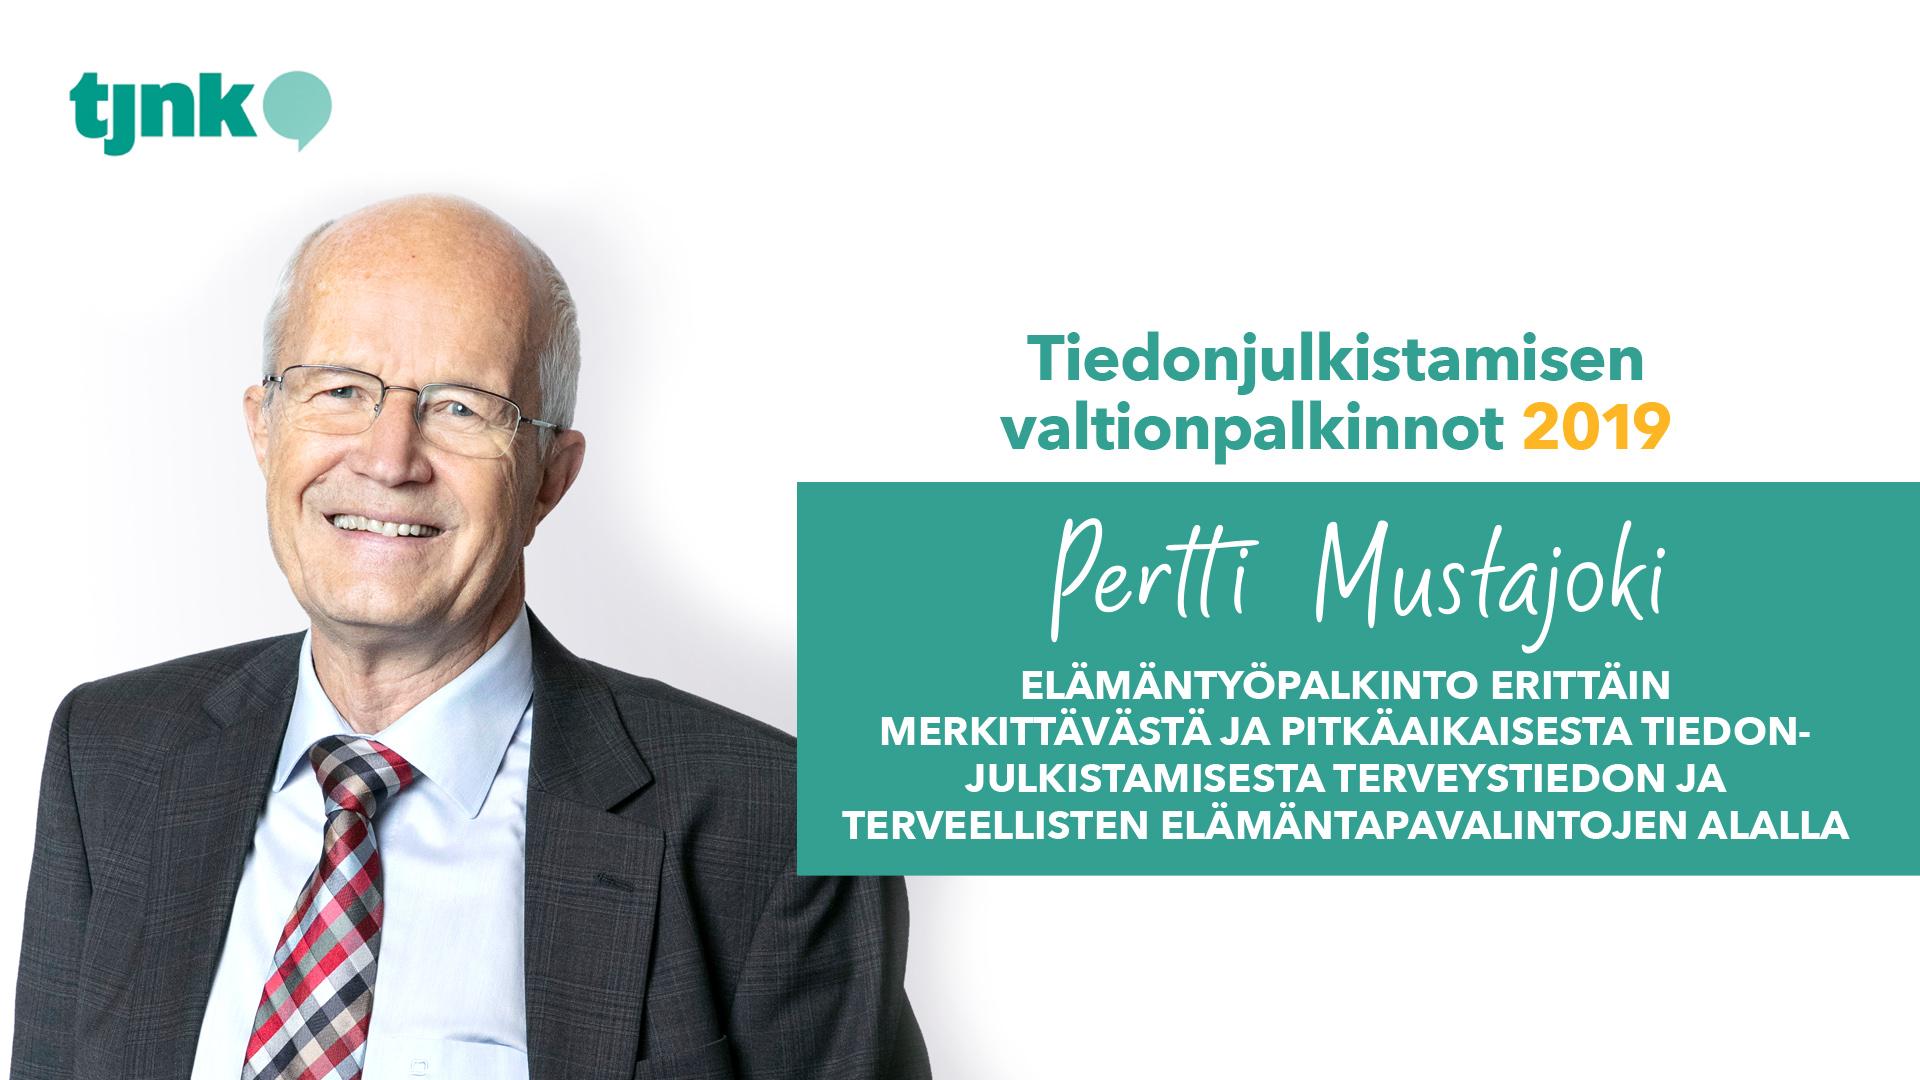 Tiedonjulkistamisen elämäntyöpalkinnon 2019 saanut Pertti Mustajoki.